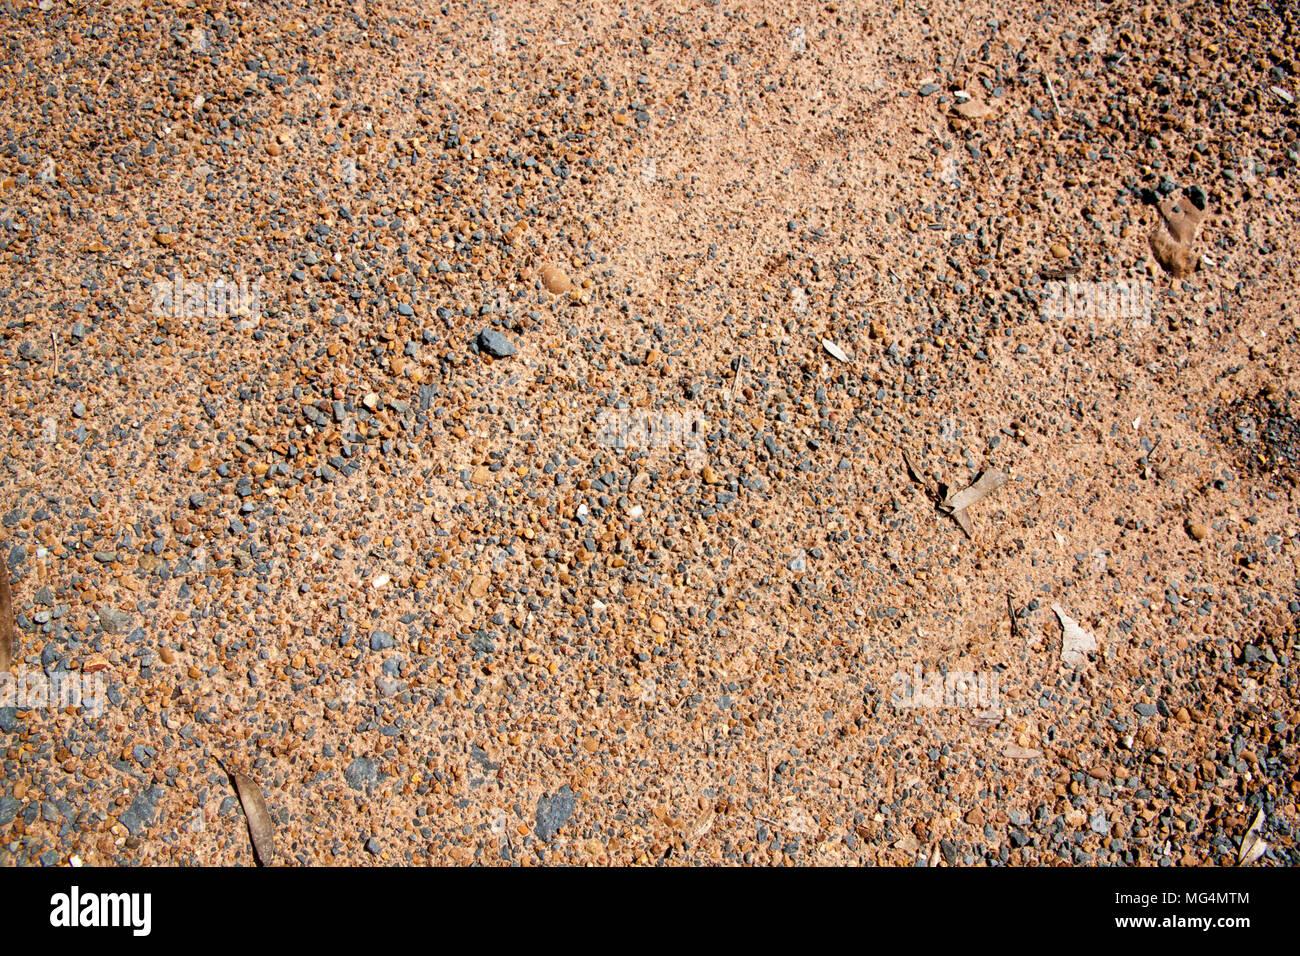 Fußboden Aus Kleinen Steinchen ~ Brauner kies textur und kleinen stein hintergrund sand und steine